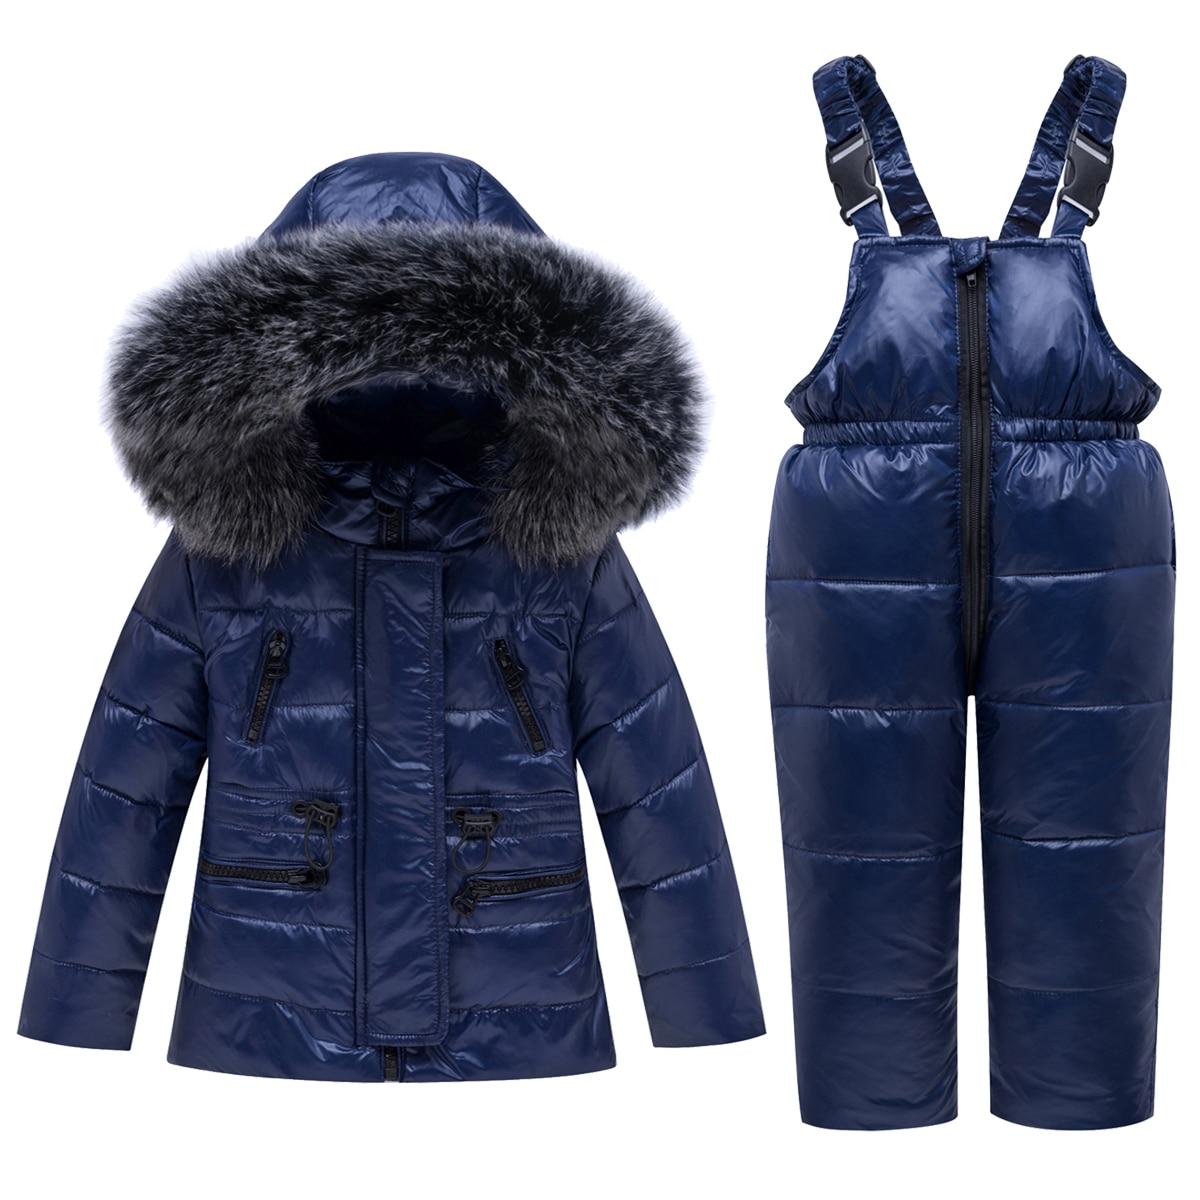 Hiver enfants Ski costume coupe-vent chaud garçons vêtements ensemble veste + salopette garçons vêtements ensemble 1-5 ans enfants neige costumes vraie fourrure